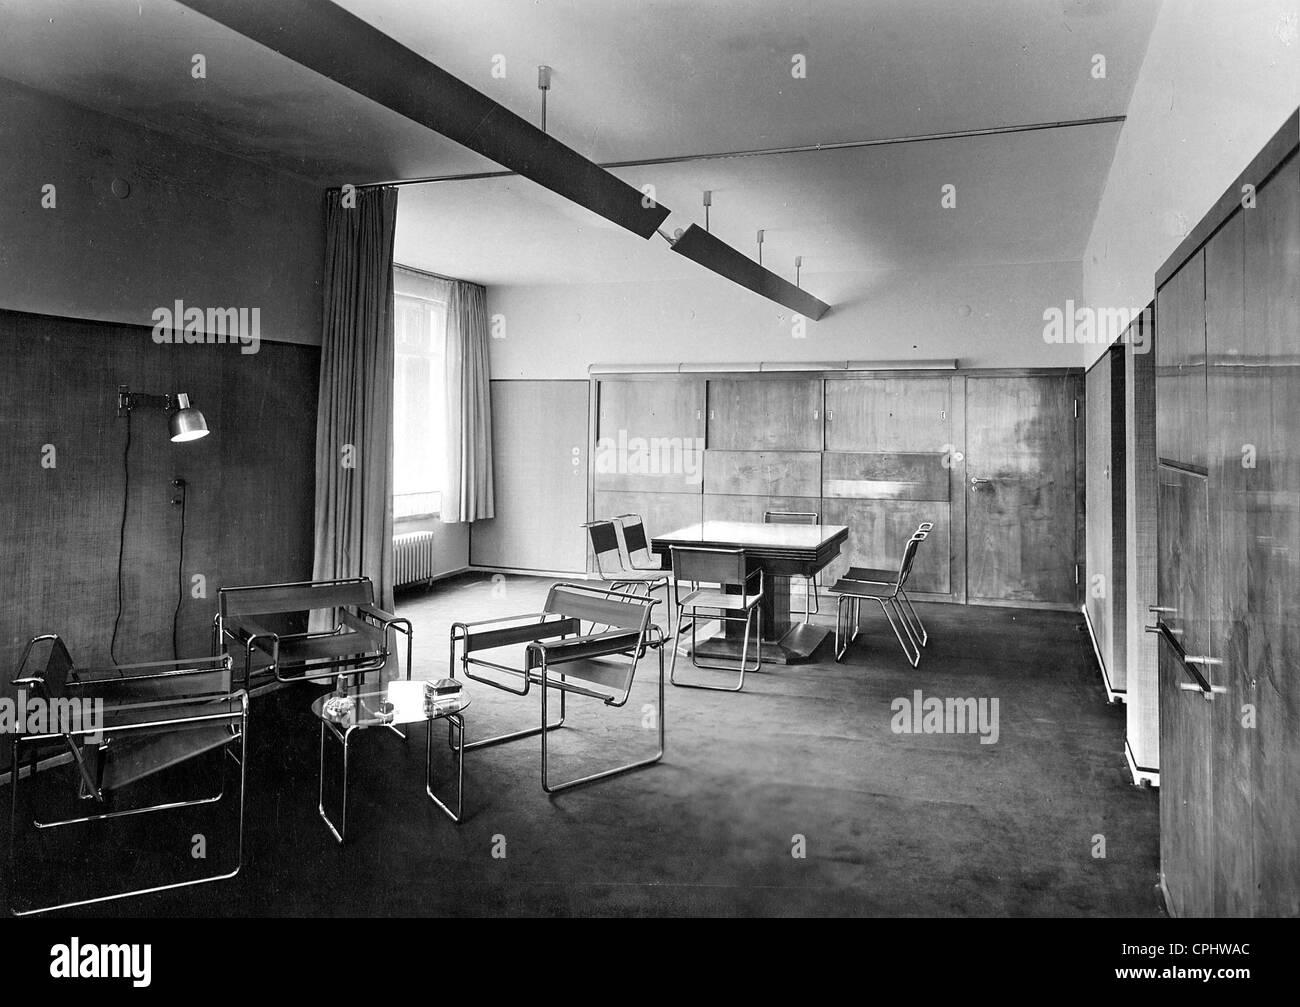 inneneinrichtung im bauhaus stil 1926 stockfoto bild